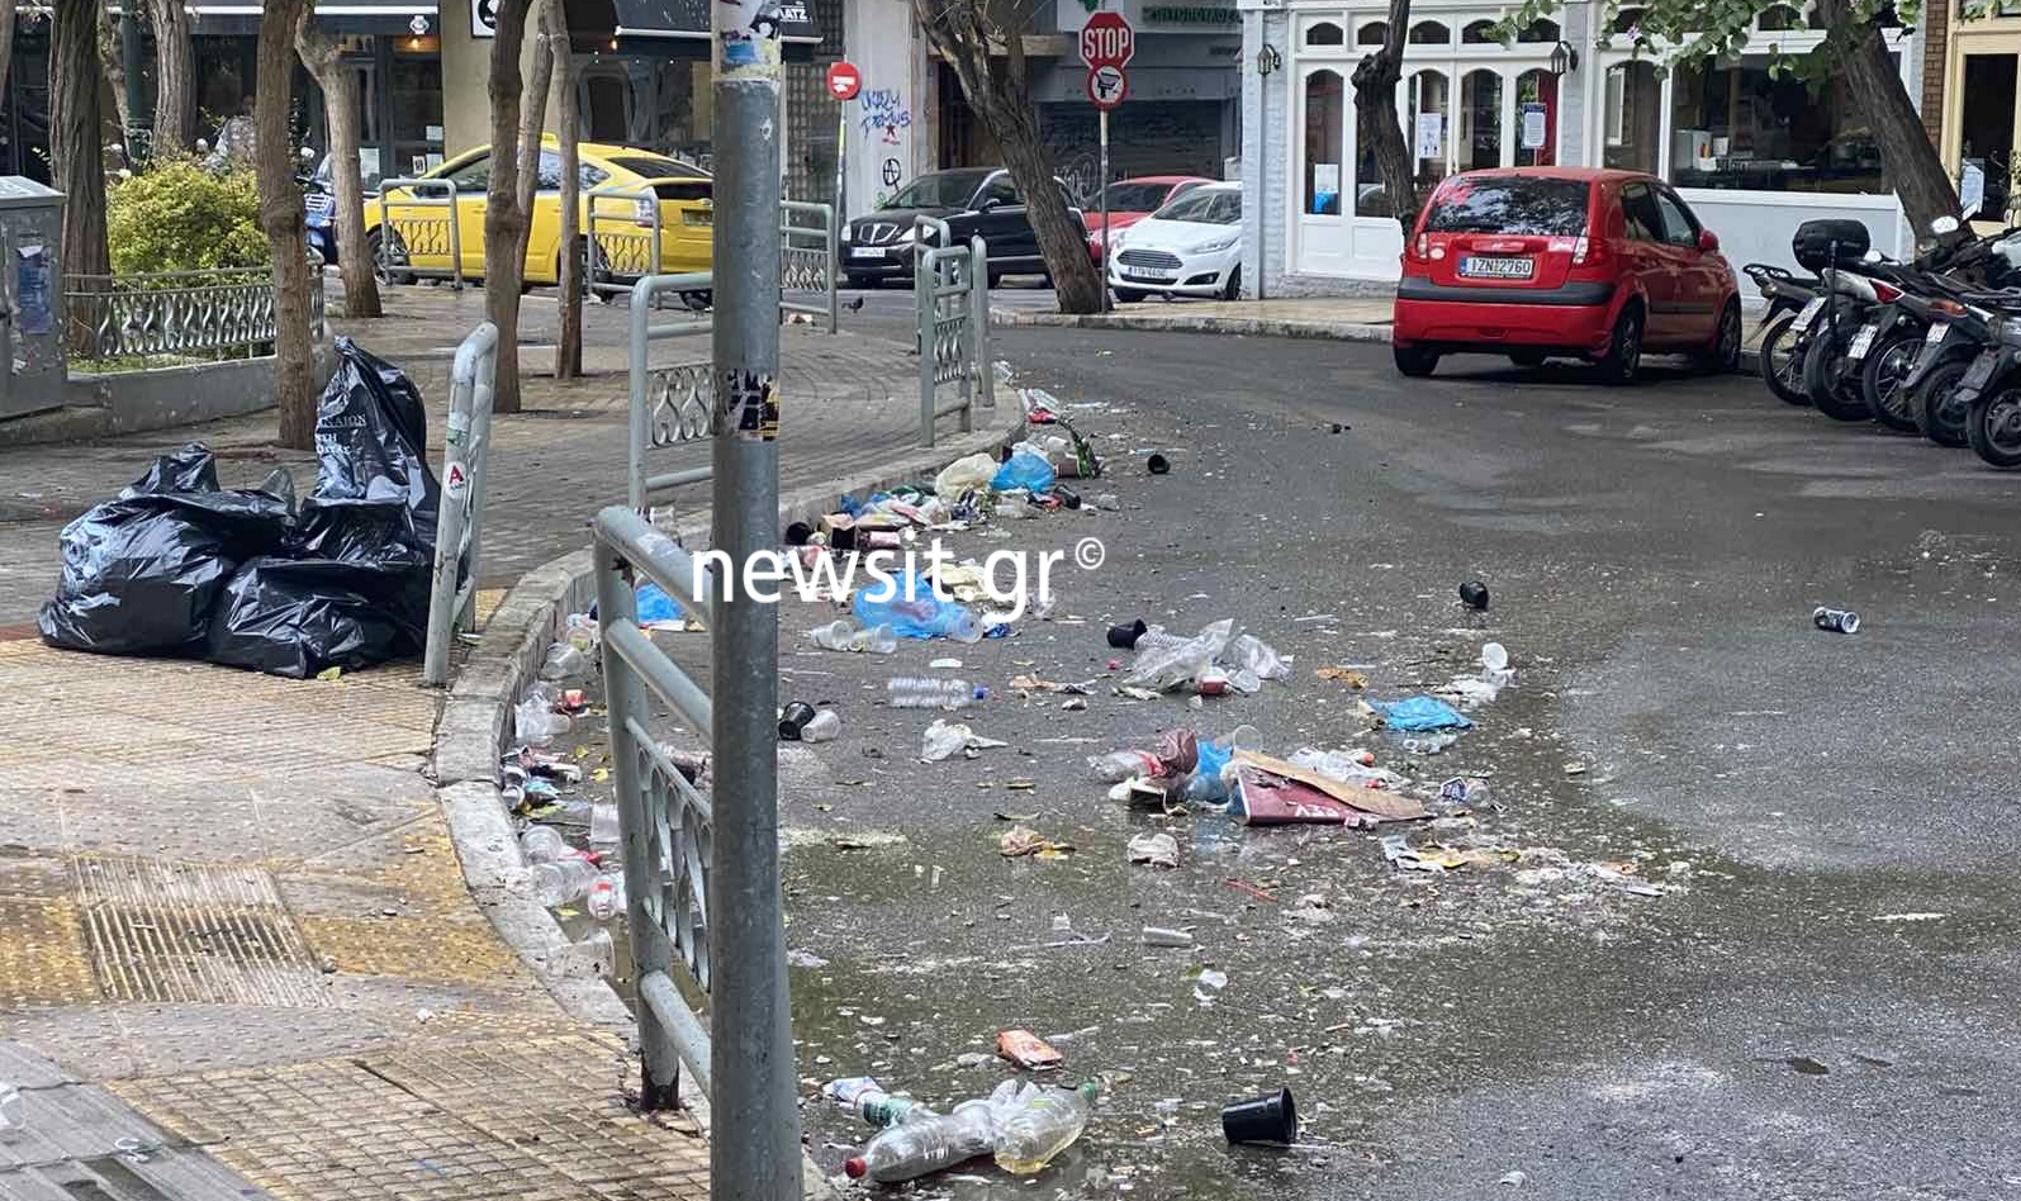 «Χωματερή» πάλι η Κυψέλη – Φωτογραφίες με τα απομεινάρια του νέου κορονοπάρτι